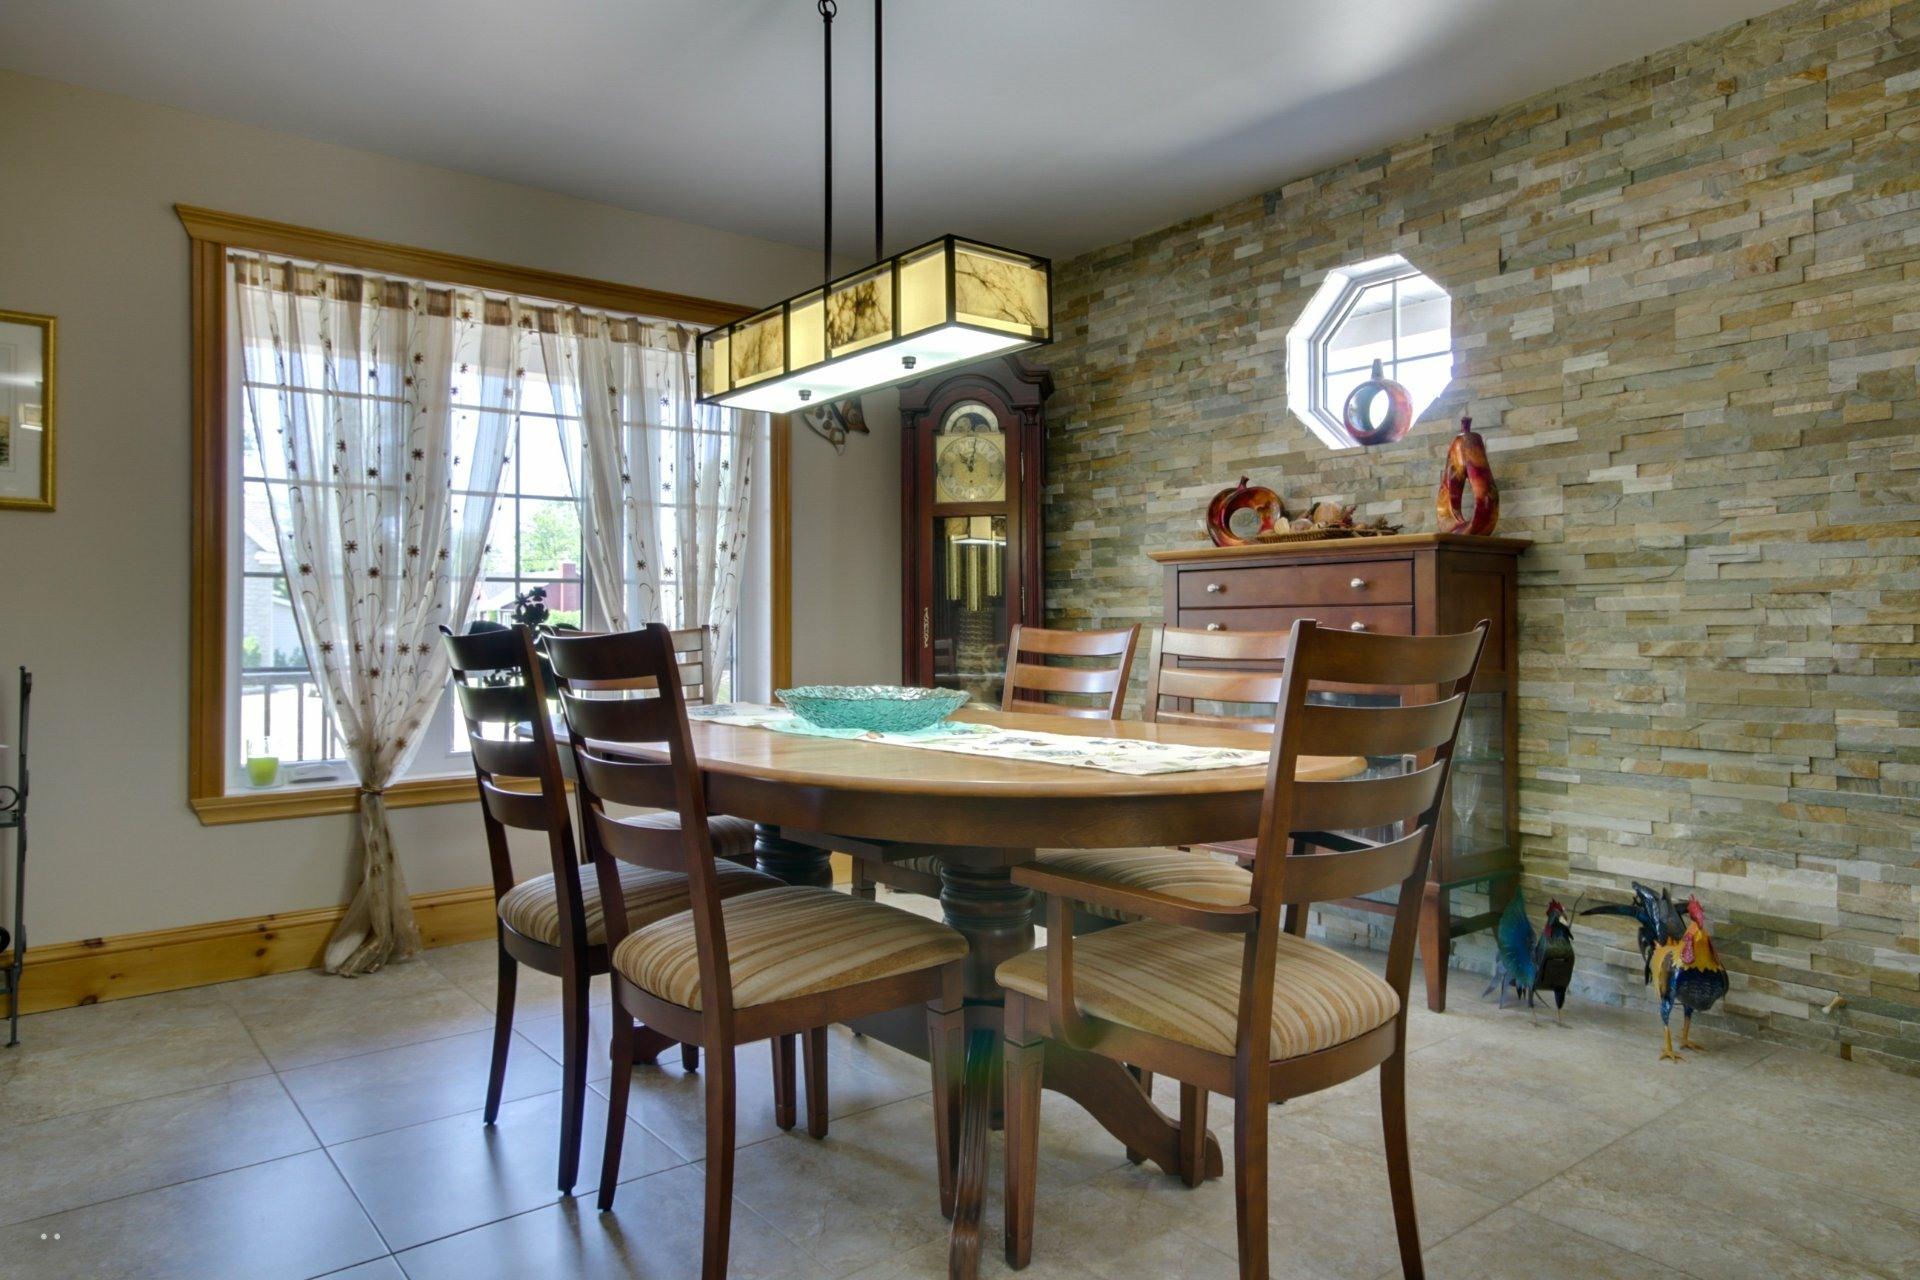 image 9 - Maison À vendre Trois-Rivières